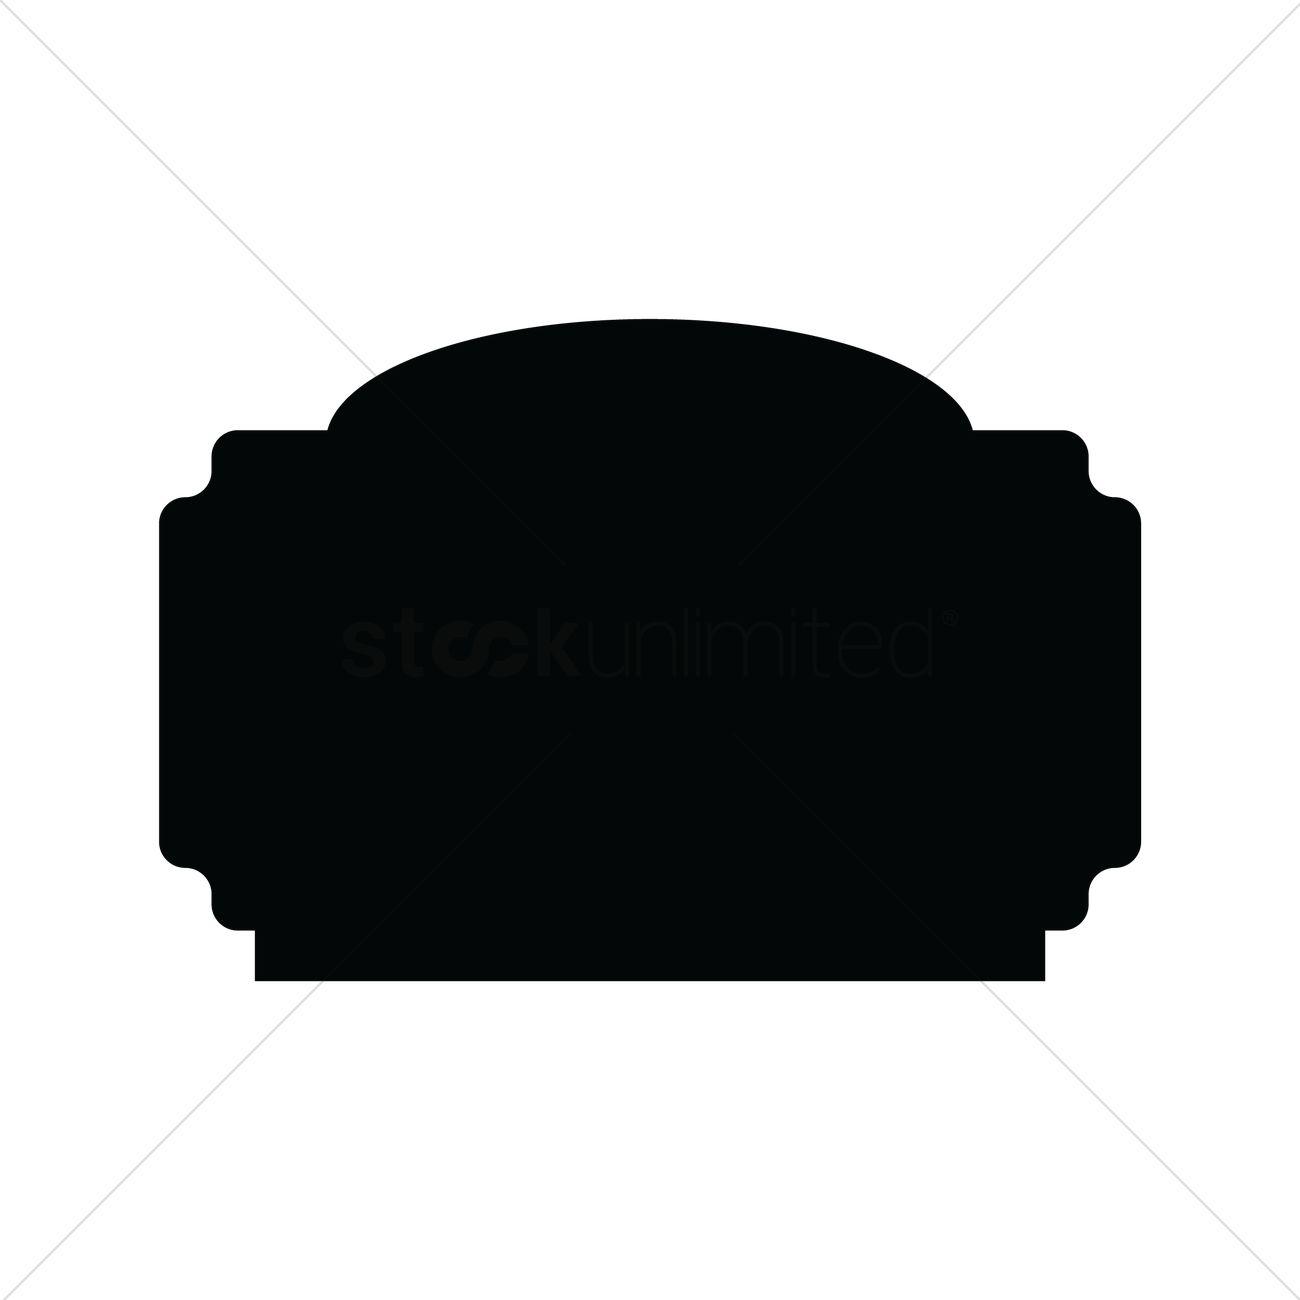 1300x1300 Retro Silhouette Label Vector Image